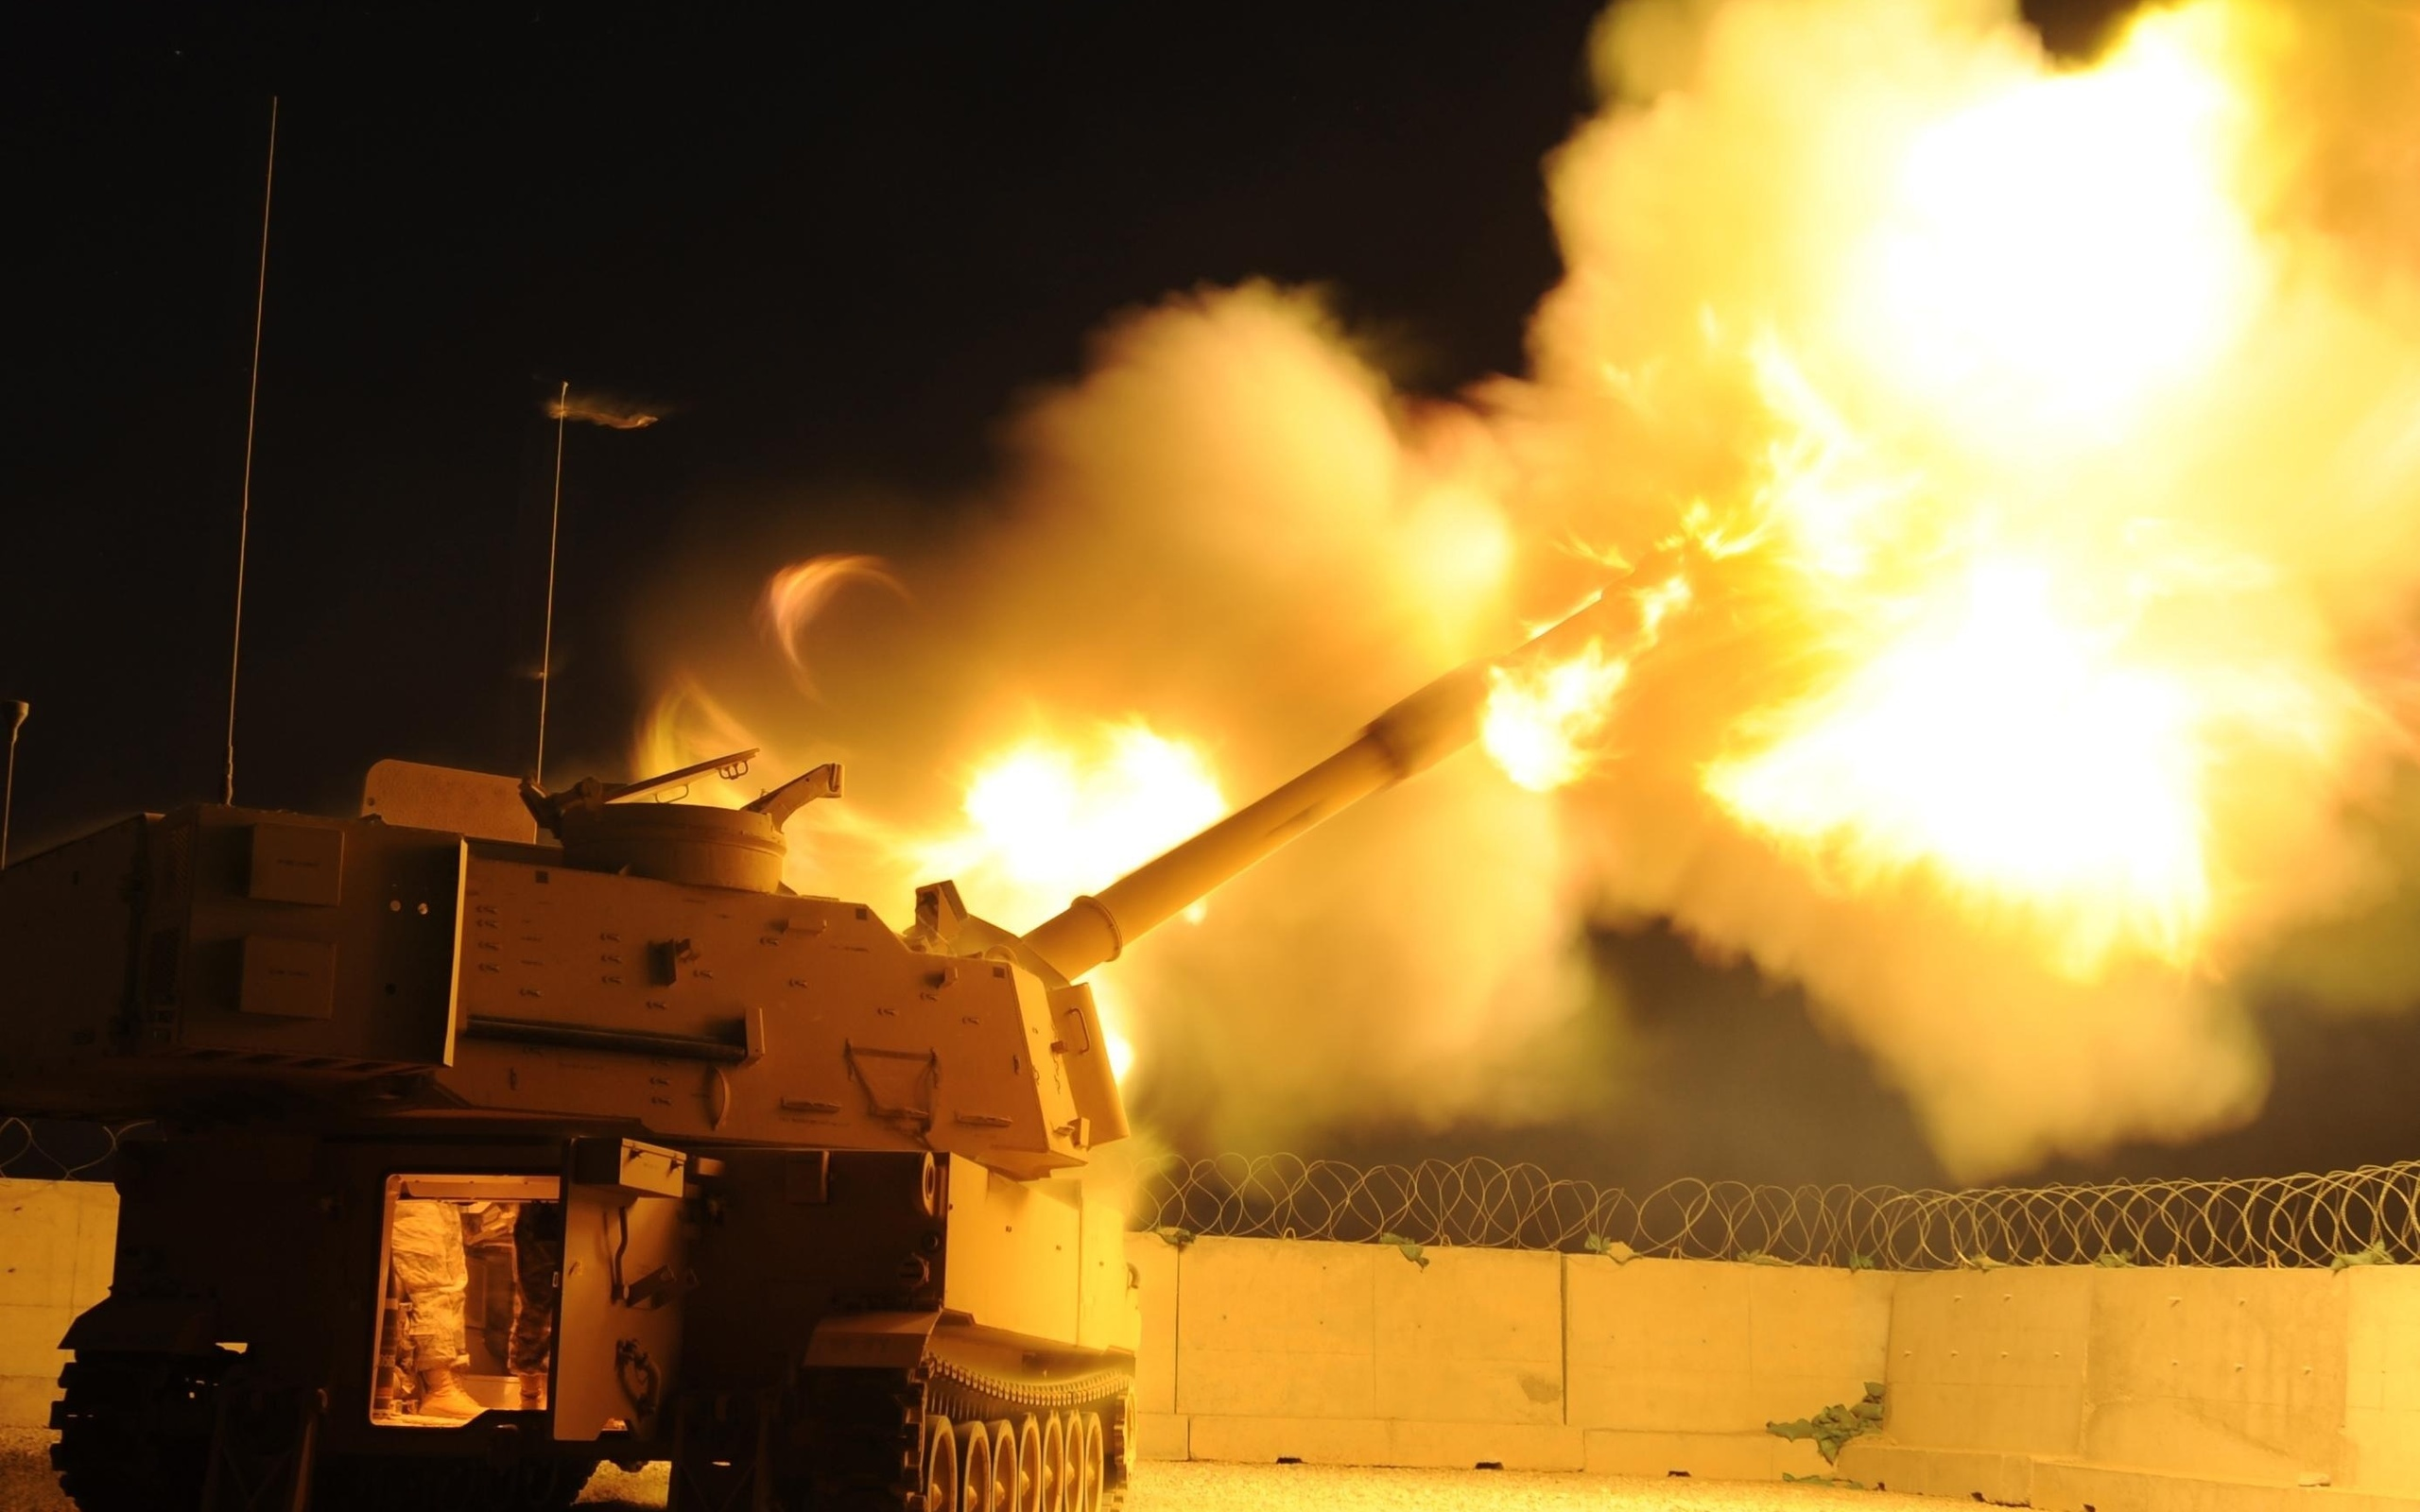 M109a2, самоходная, артиллерия, залп, пламя